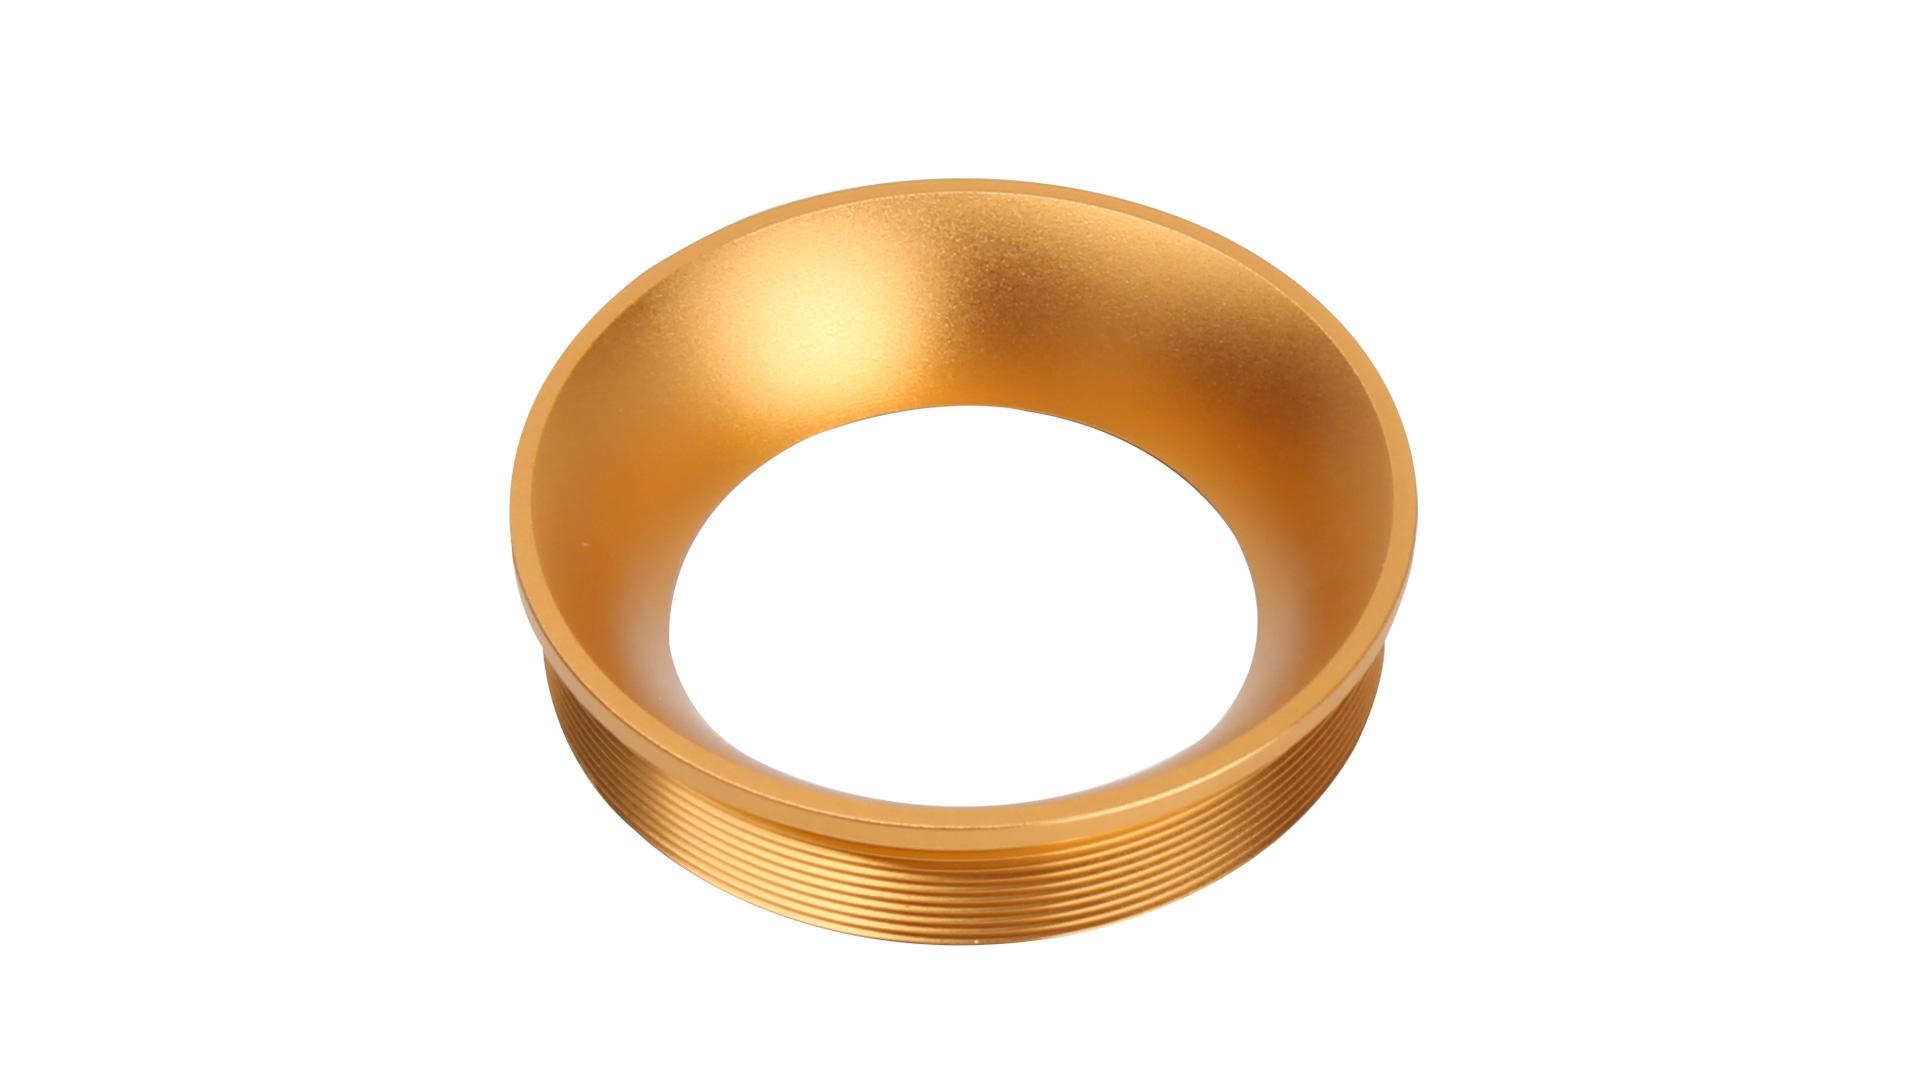 Οξείδιο του χρυσού